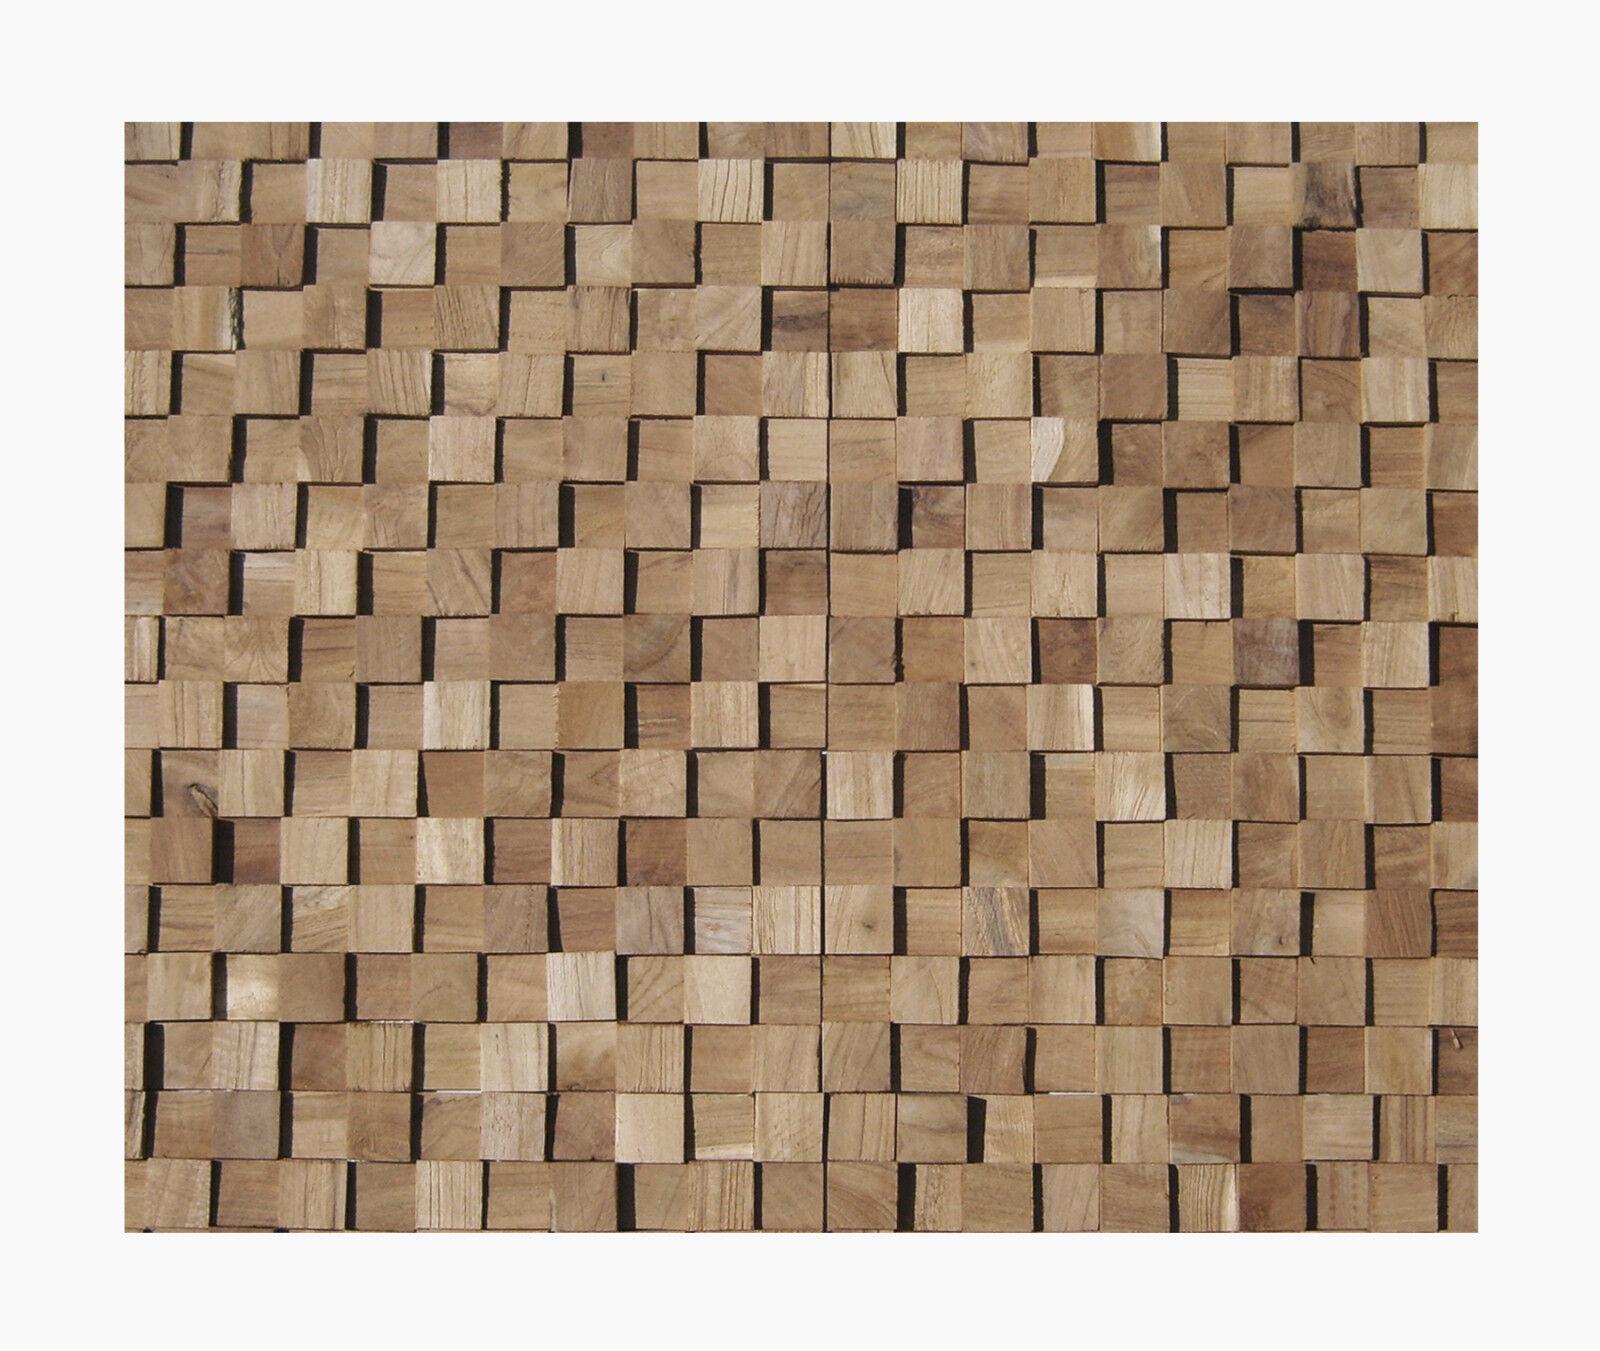 1 qm Teak-Holz Mosaik HO-004 Wandverkleidung Holzwand Trennwand Wand-Dekoration